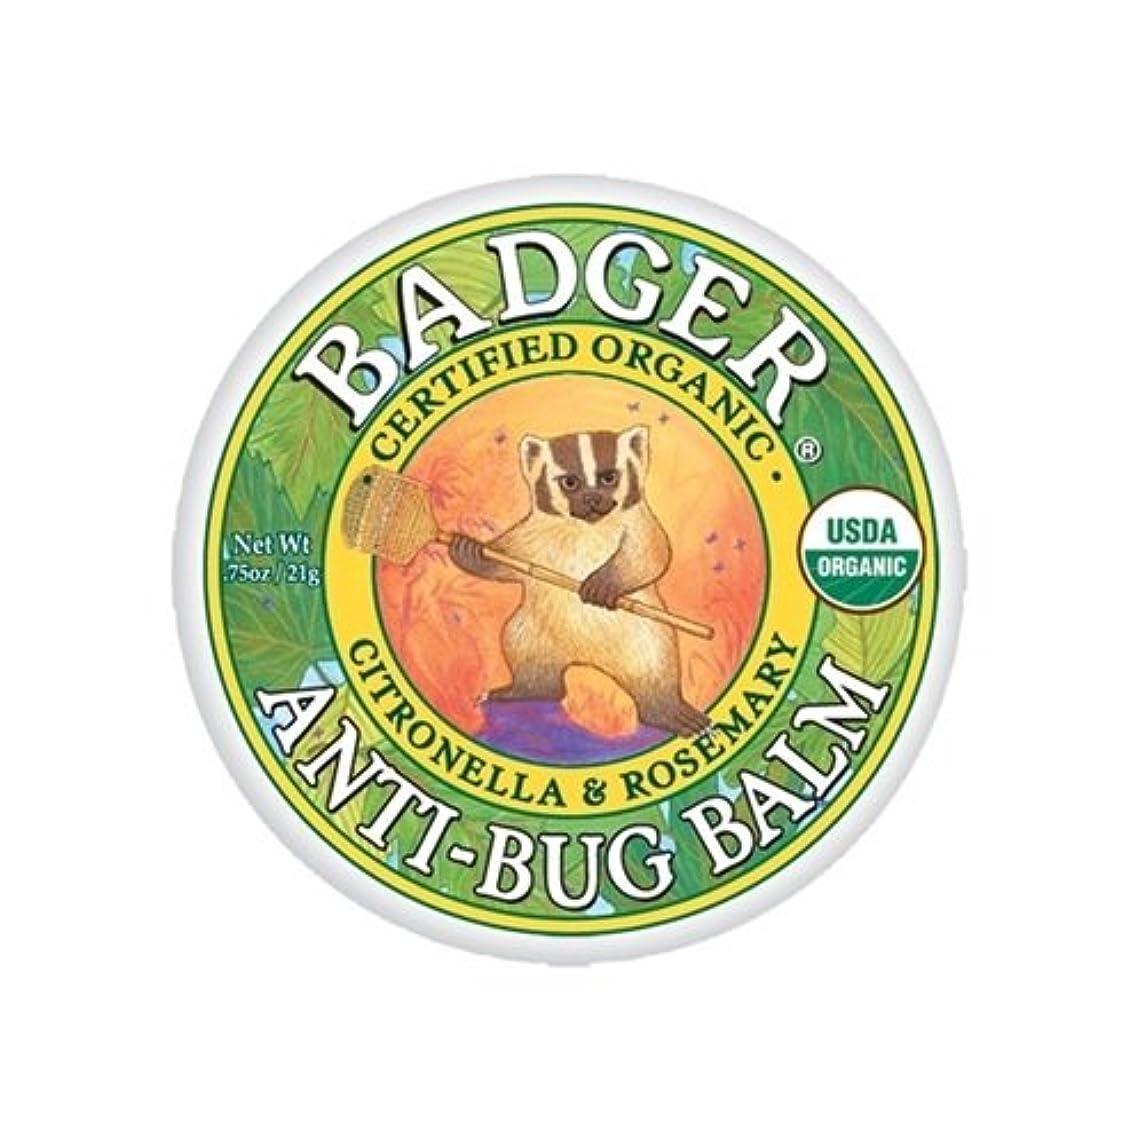 竜巻信頼性のあるかみそりBadger バジャー オーガニック虫よけクリーム【小サイズ】 21g【海外直送品】【並行輸入品】